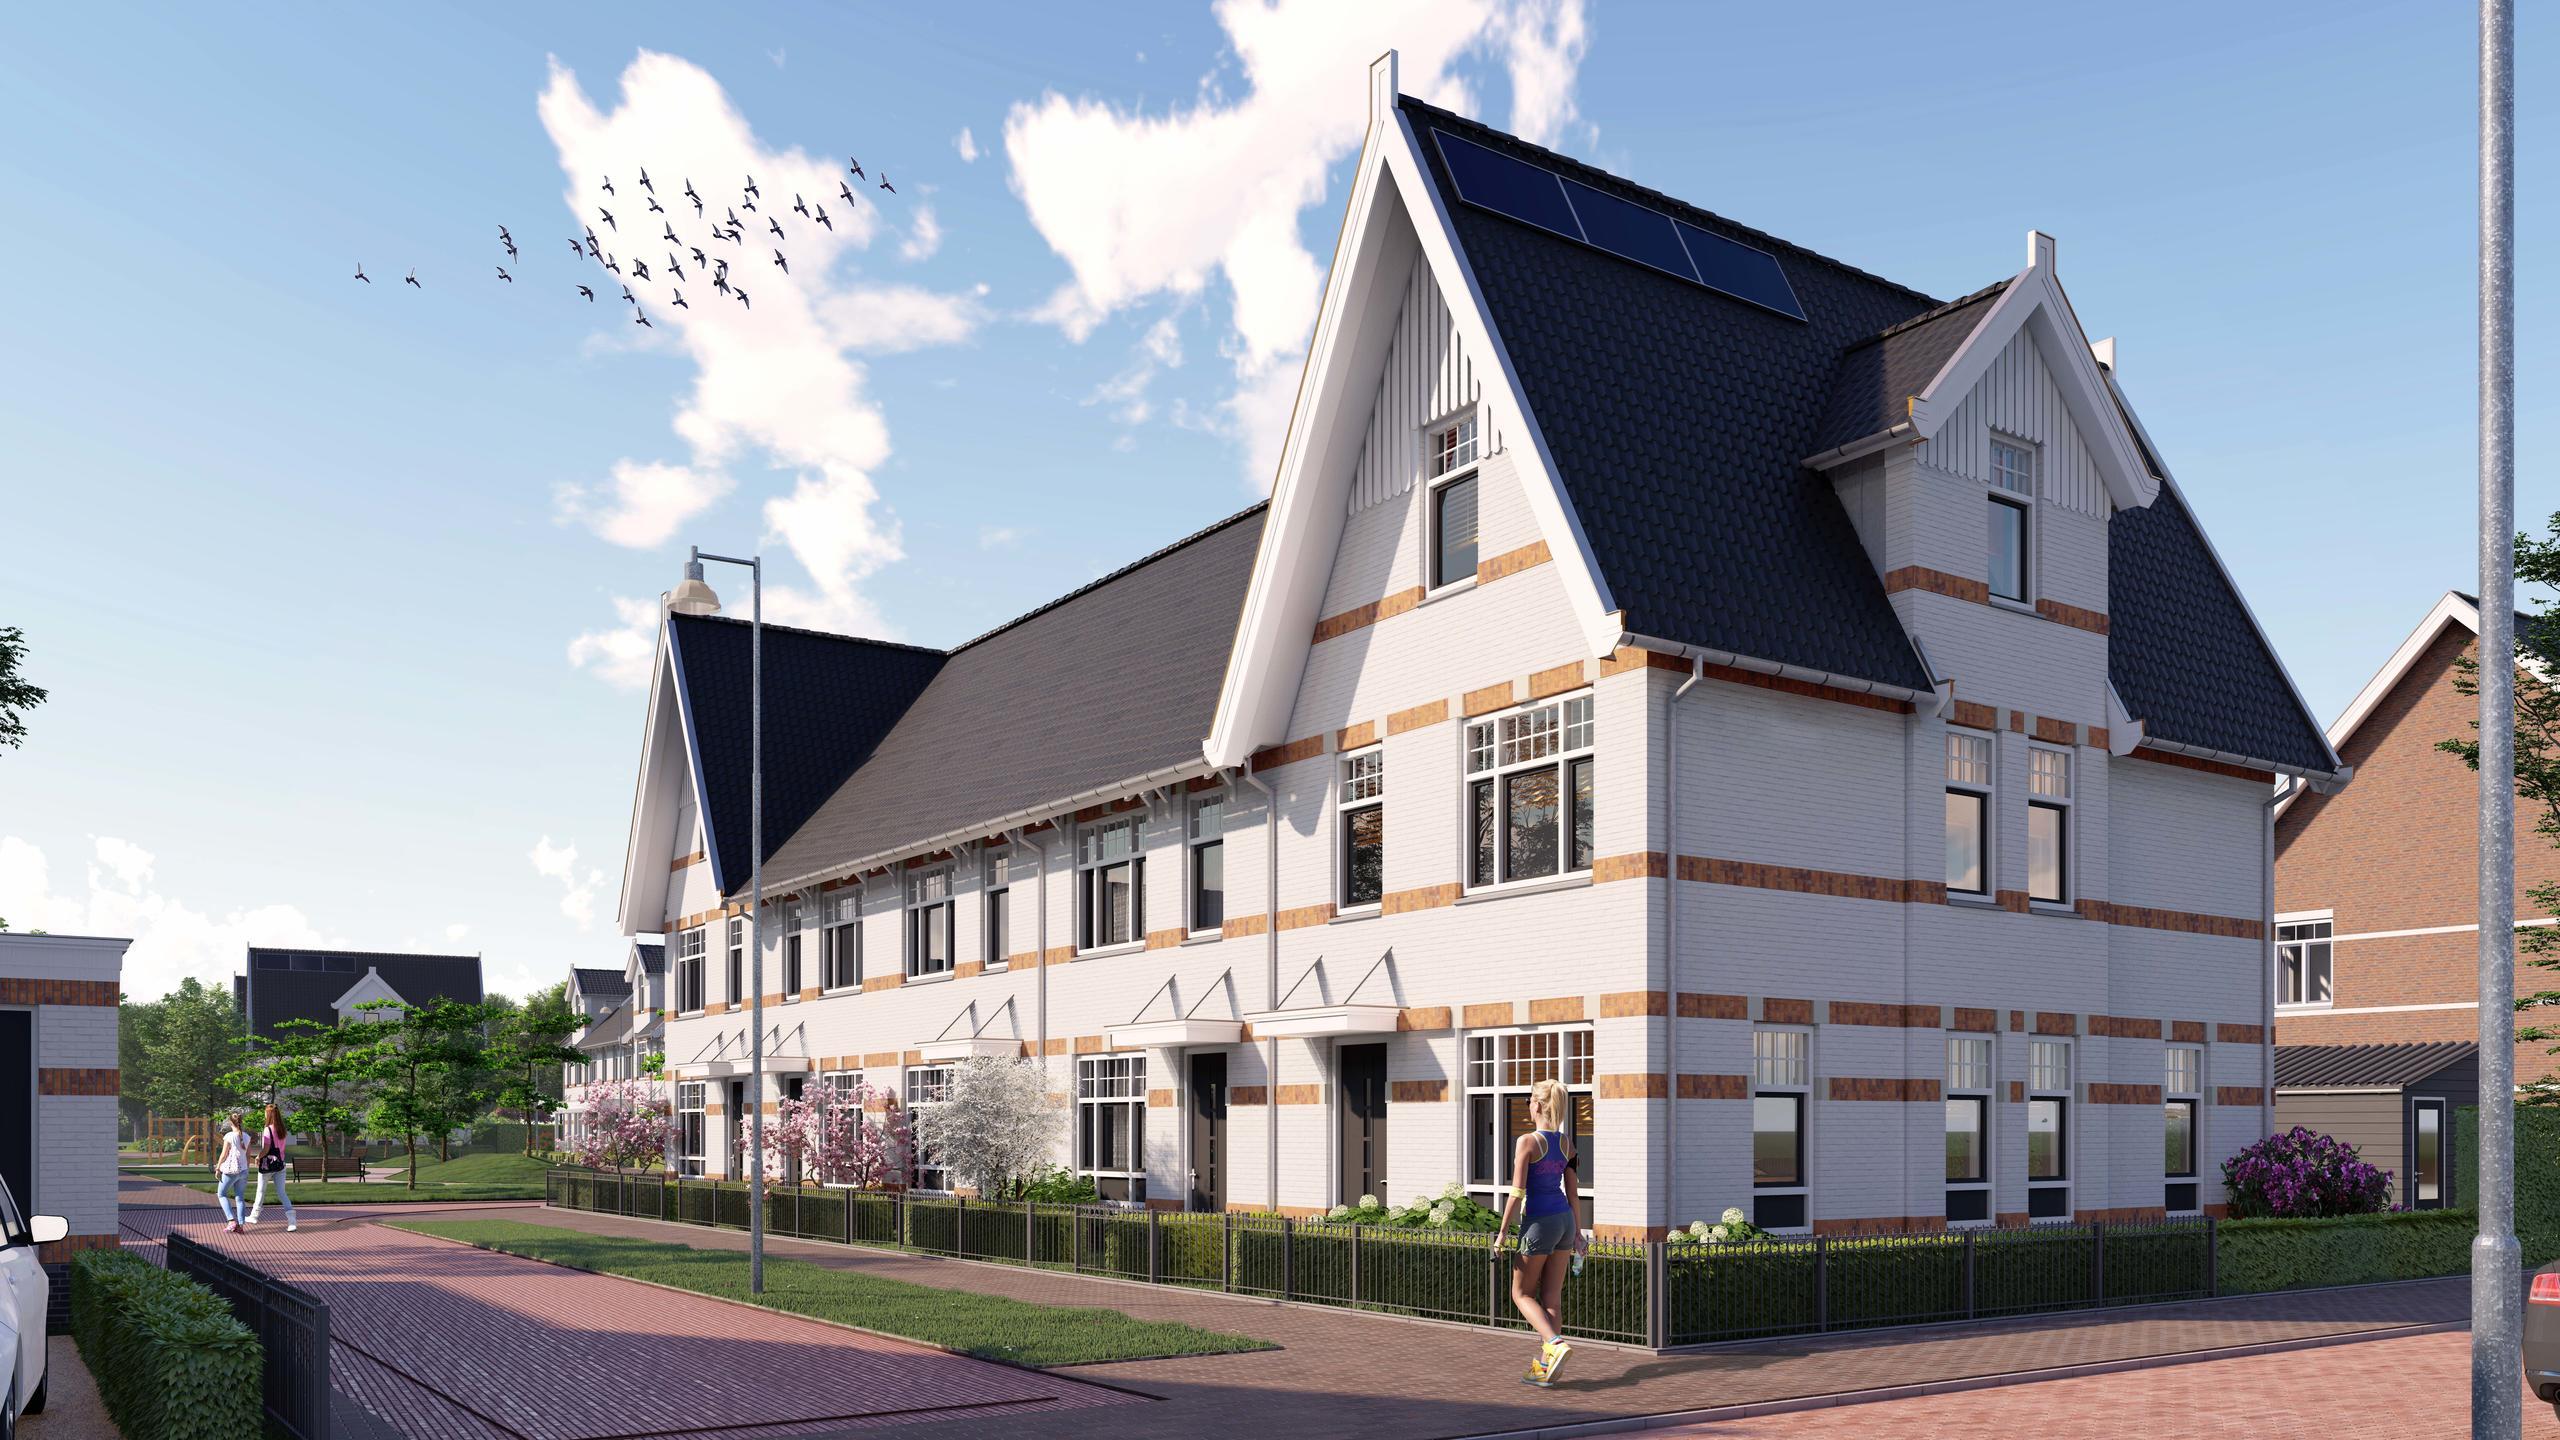 Lunshof makelaars Amstelveen en Amsterdam - Fort Blauwkapelhof 33  Weesp